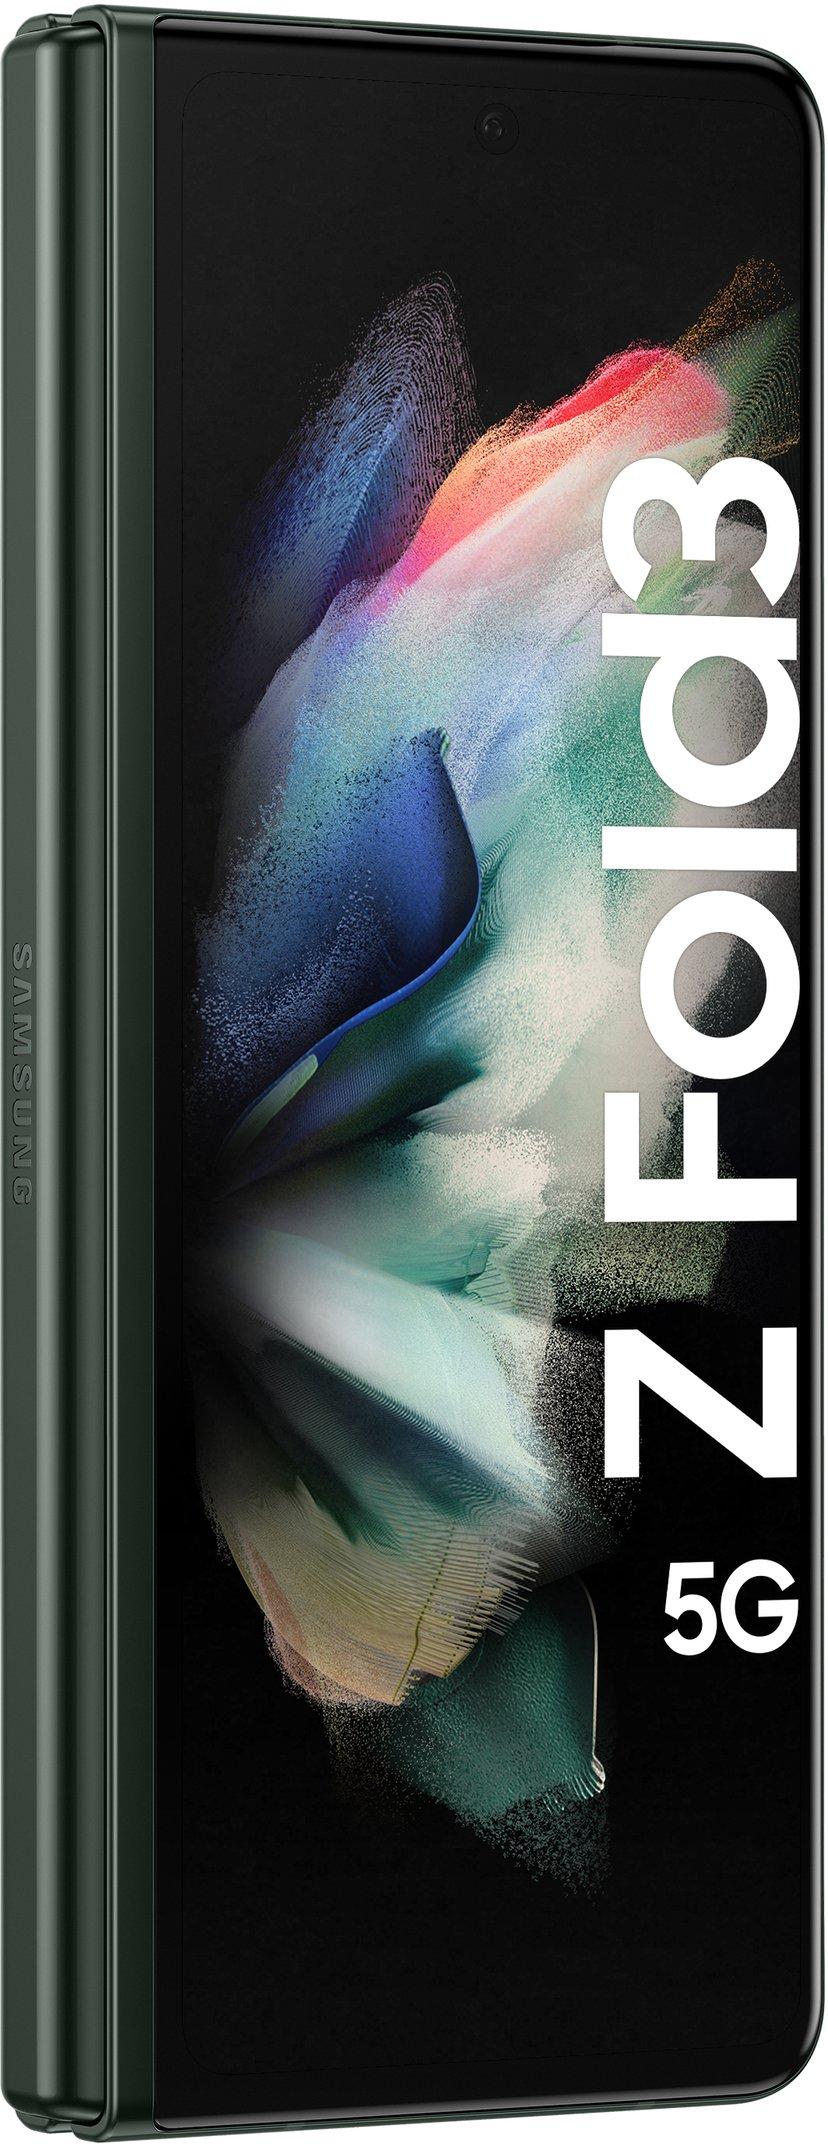 Samsung Galaxy Z Fold3 512GB Dual-SIM Phantom Green